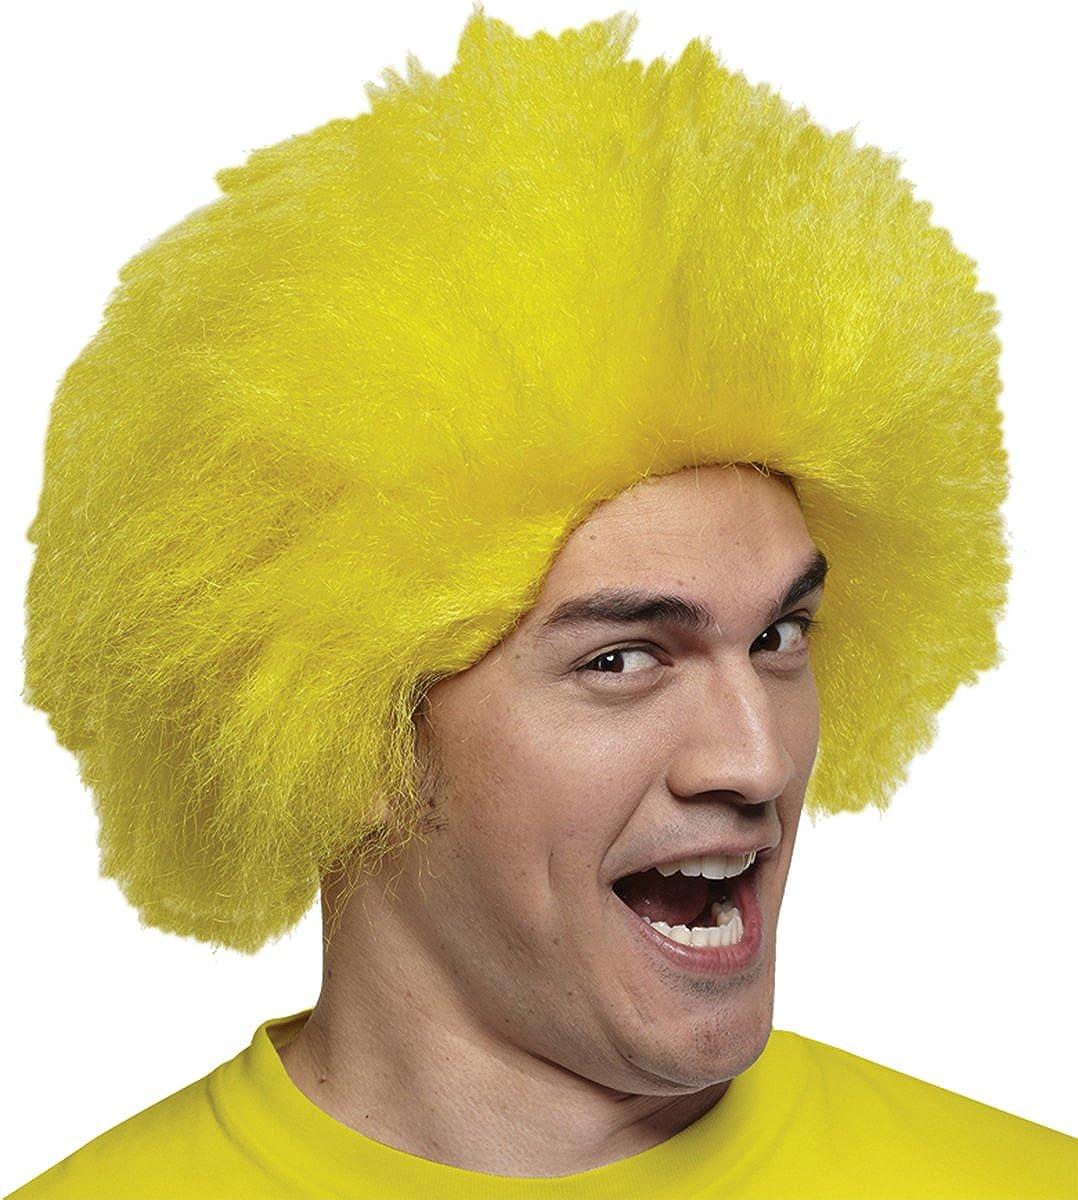 Disfraces para todas las ocasiones MR179532 peluca Diversi-n peluca amarilla: Amazon.es: Ropa y accesorios